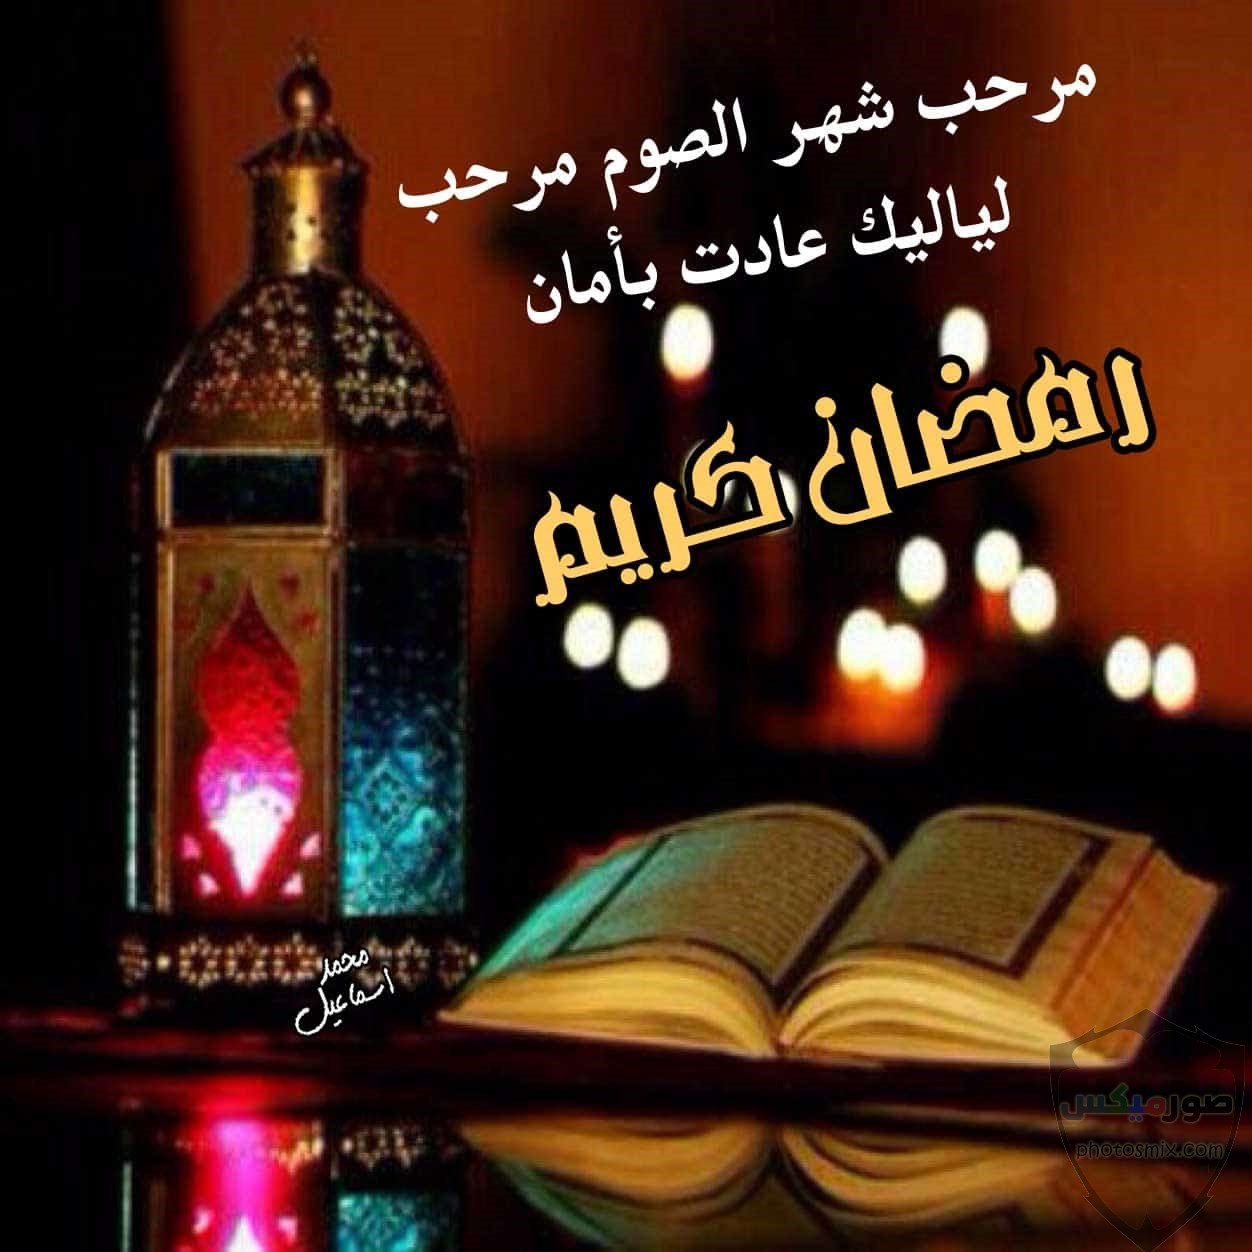 صور تهنئة رمضان 2020 رسائل بوستات حالات تهنئة برمضان 15